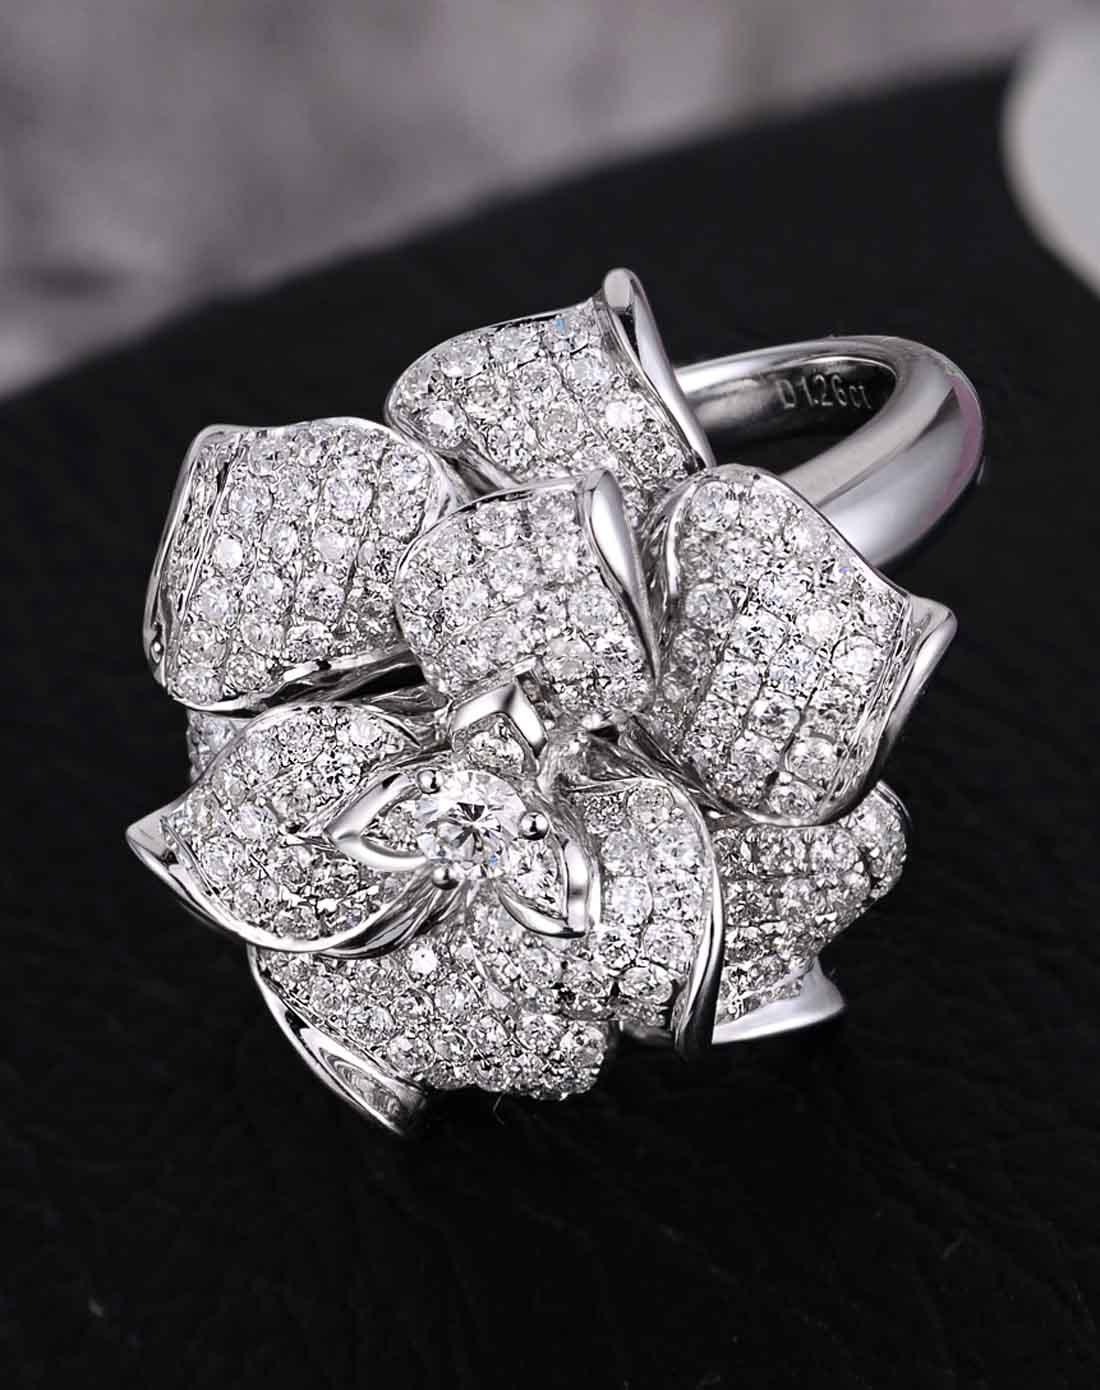 喜钻定制珠宝专场-白18k金豪华钻石戒指